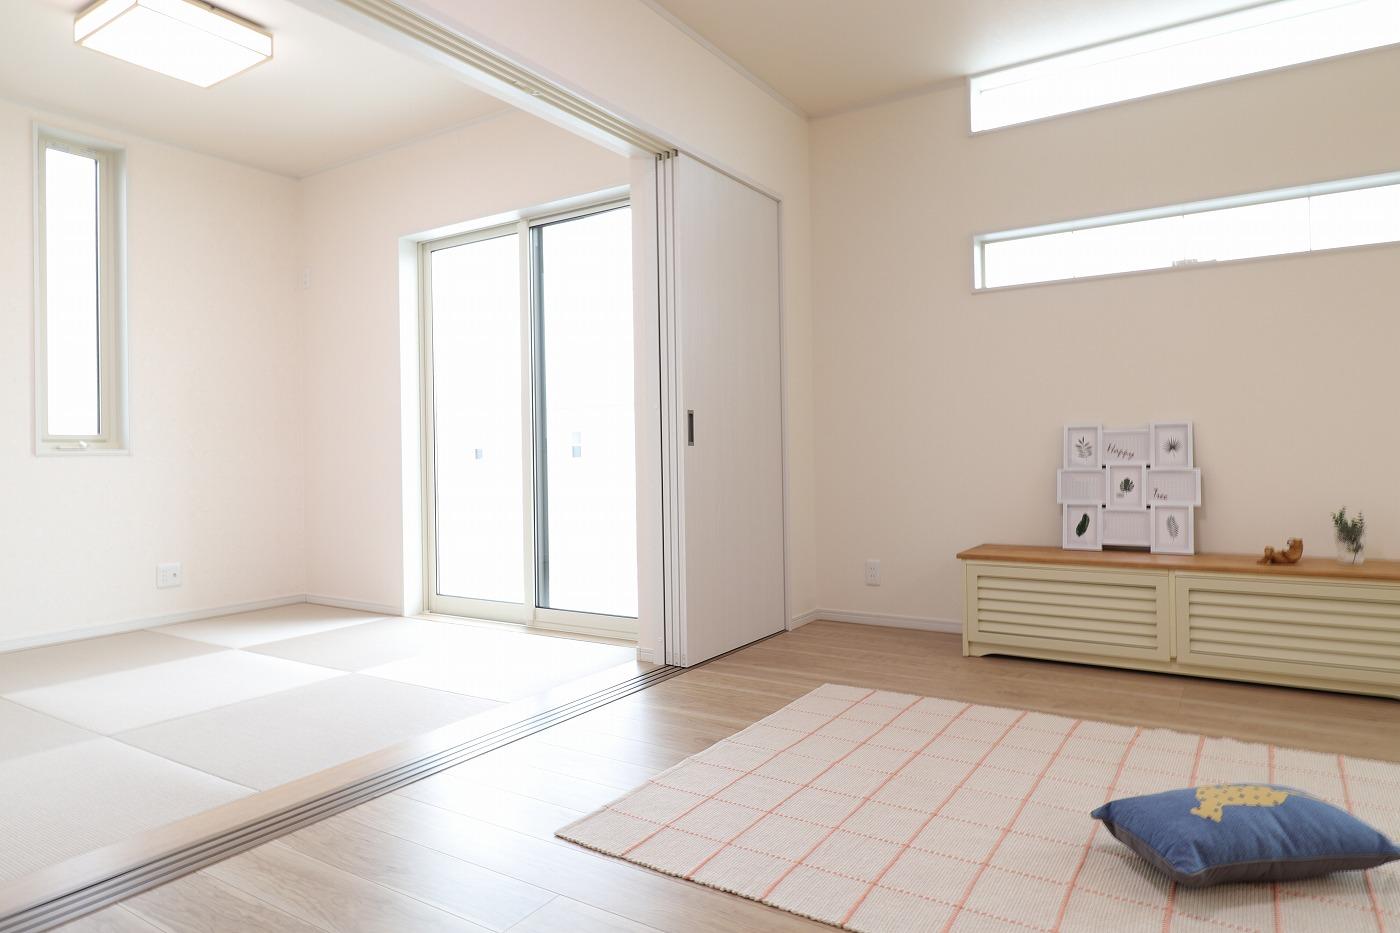 高松市六条町の新築分譲住宅のリビング和室